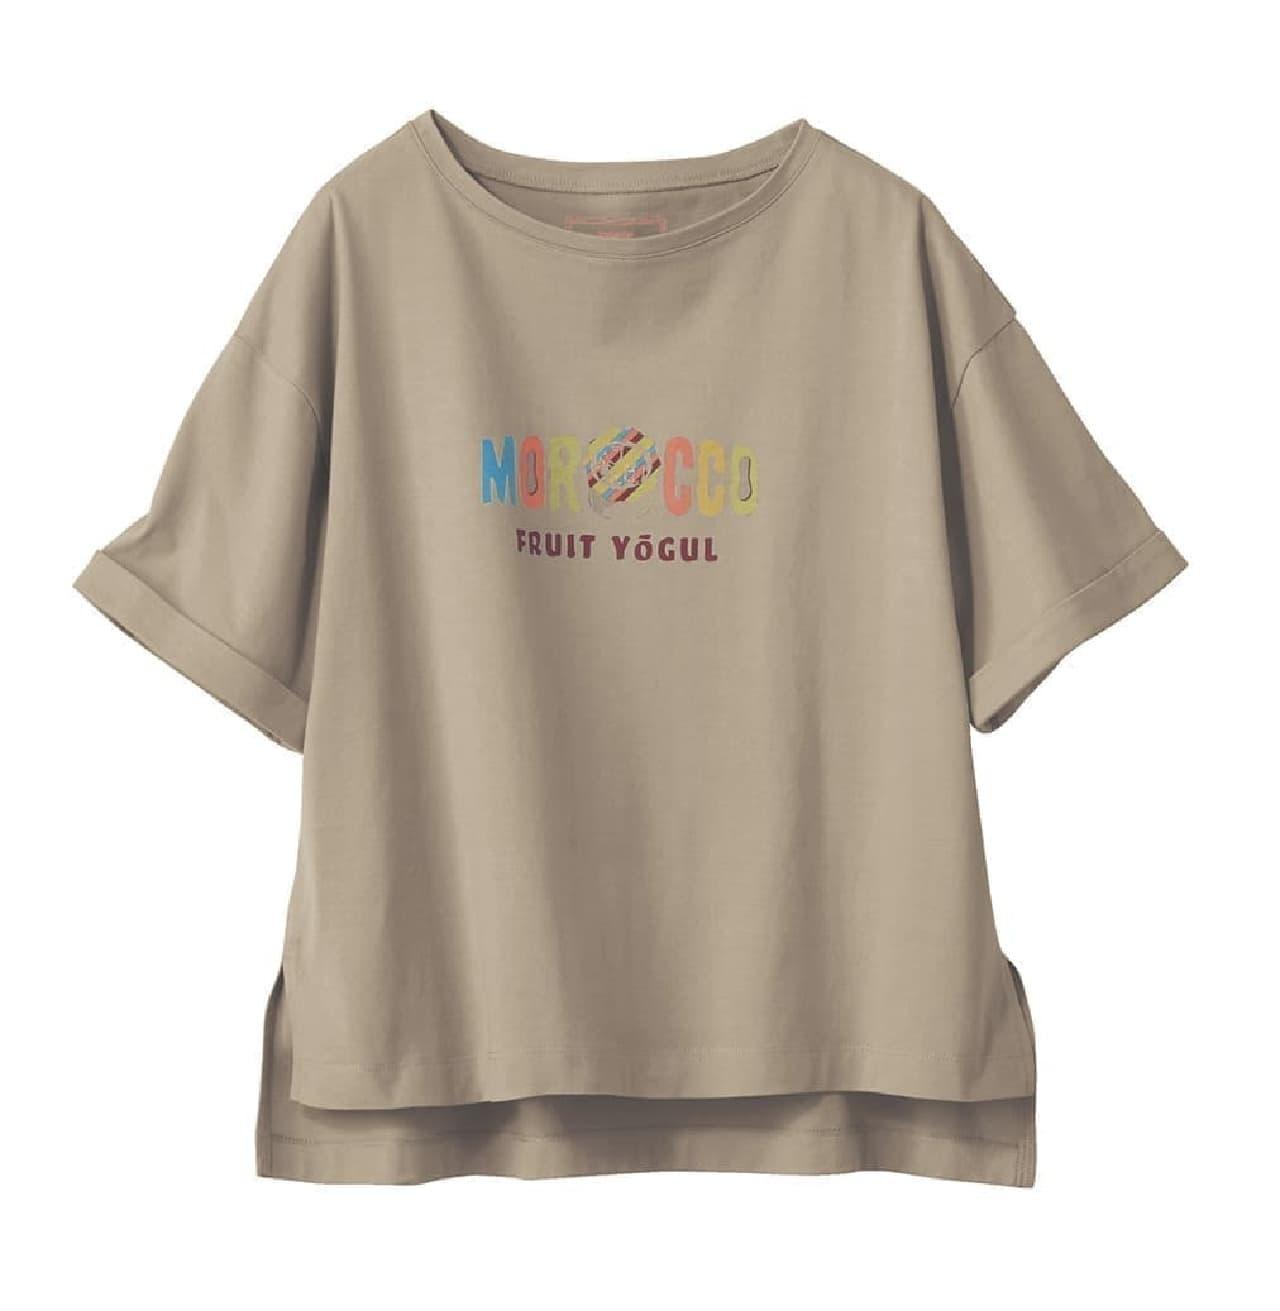 ベルメゾン「駄菓子コラボTシャツ」ウィットナンバーチョコ・モロッコフルーツヨーグルをデザイン